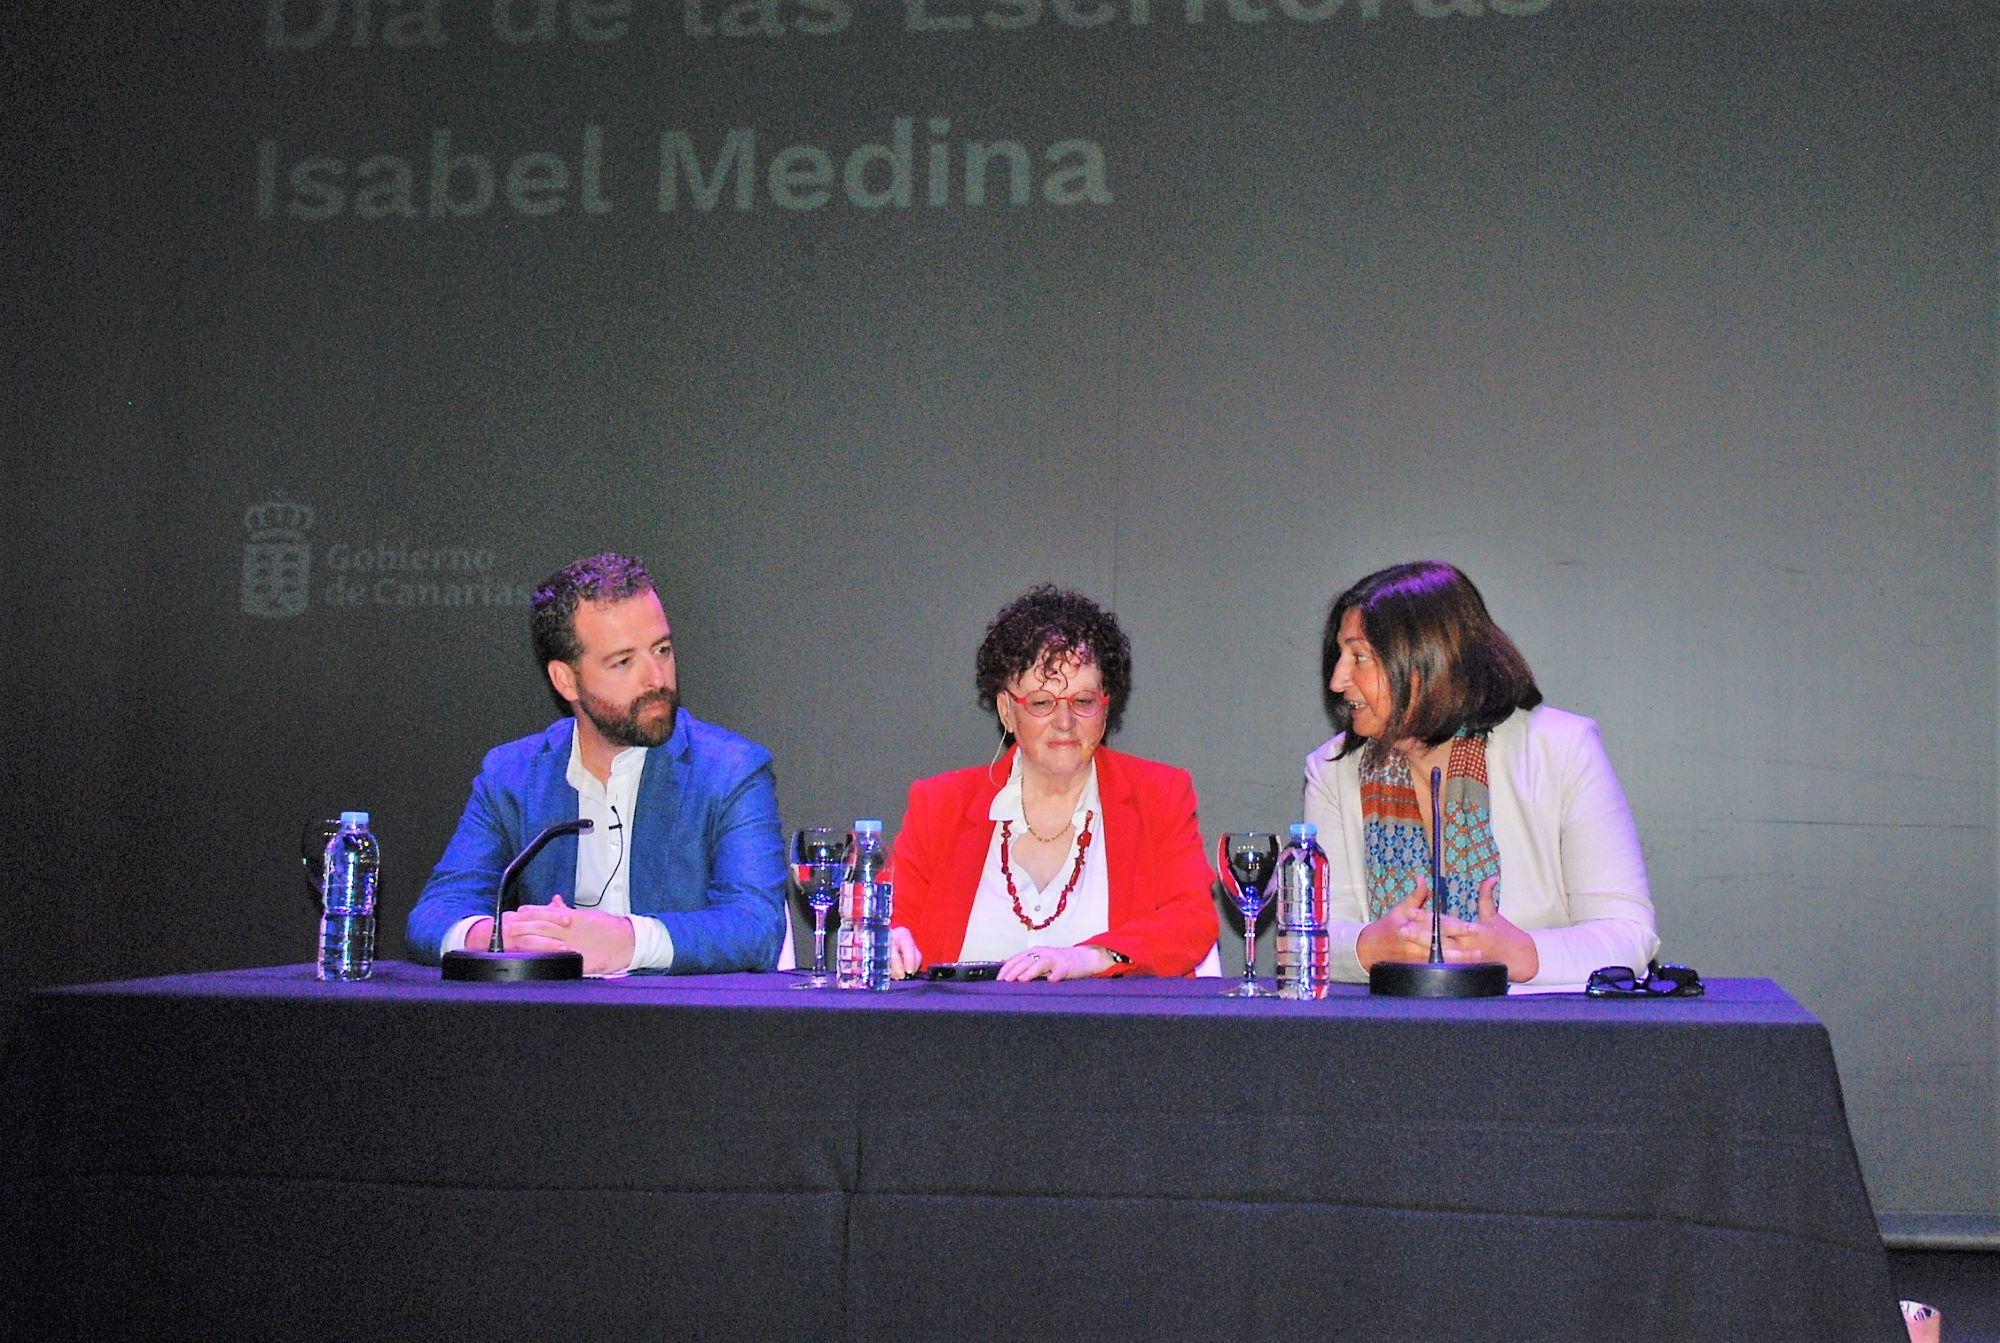 Homenaje a Isabel Medina